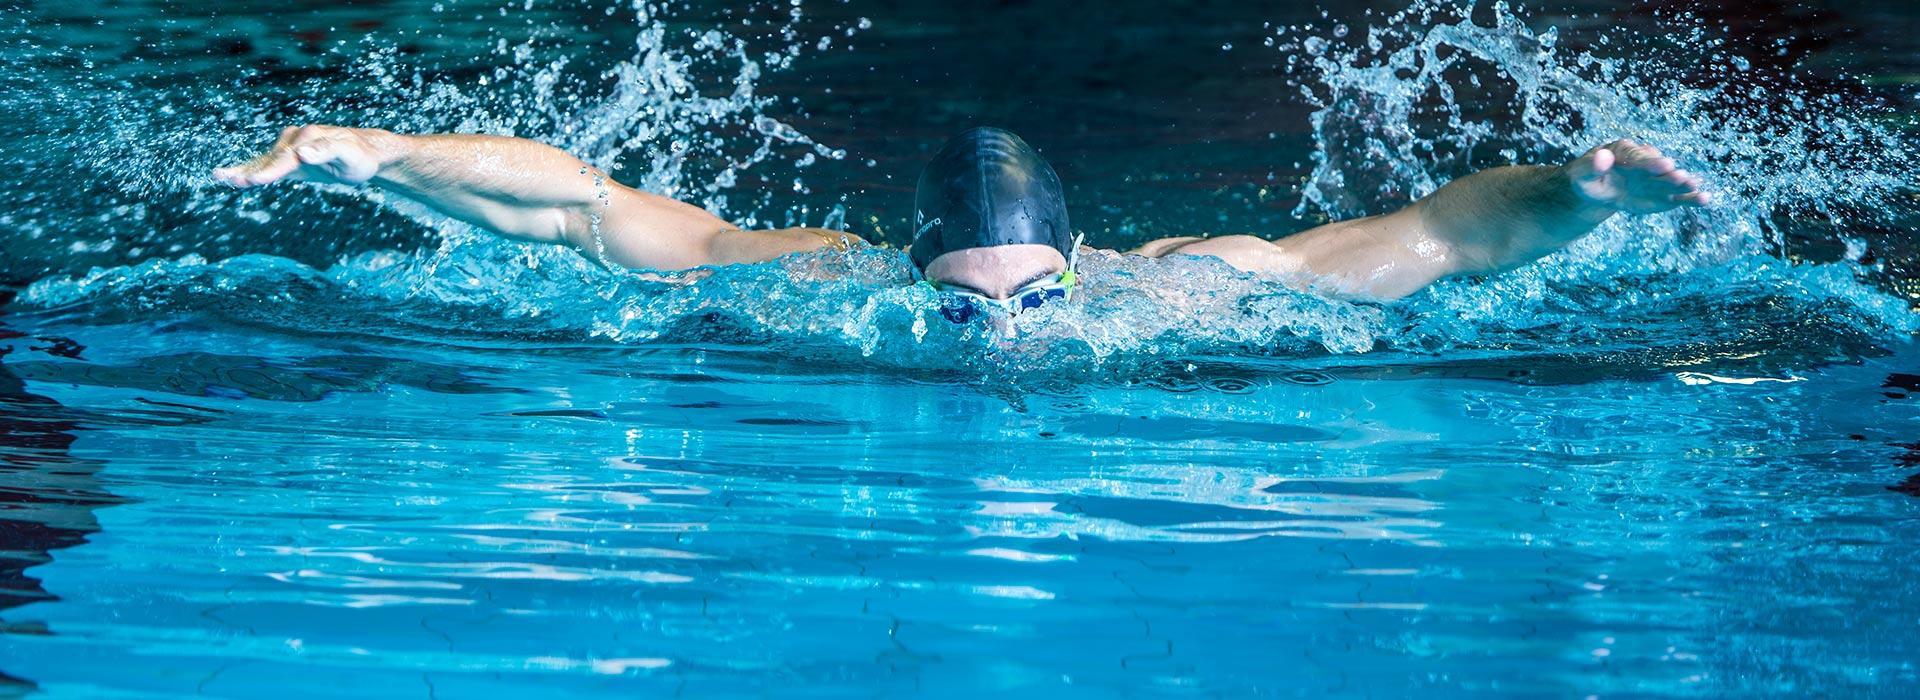 Baddräkter - Simning - Köp online hos Intersport 2386877d0878f